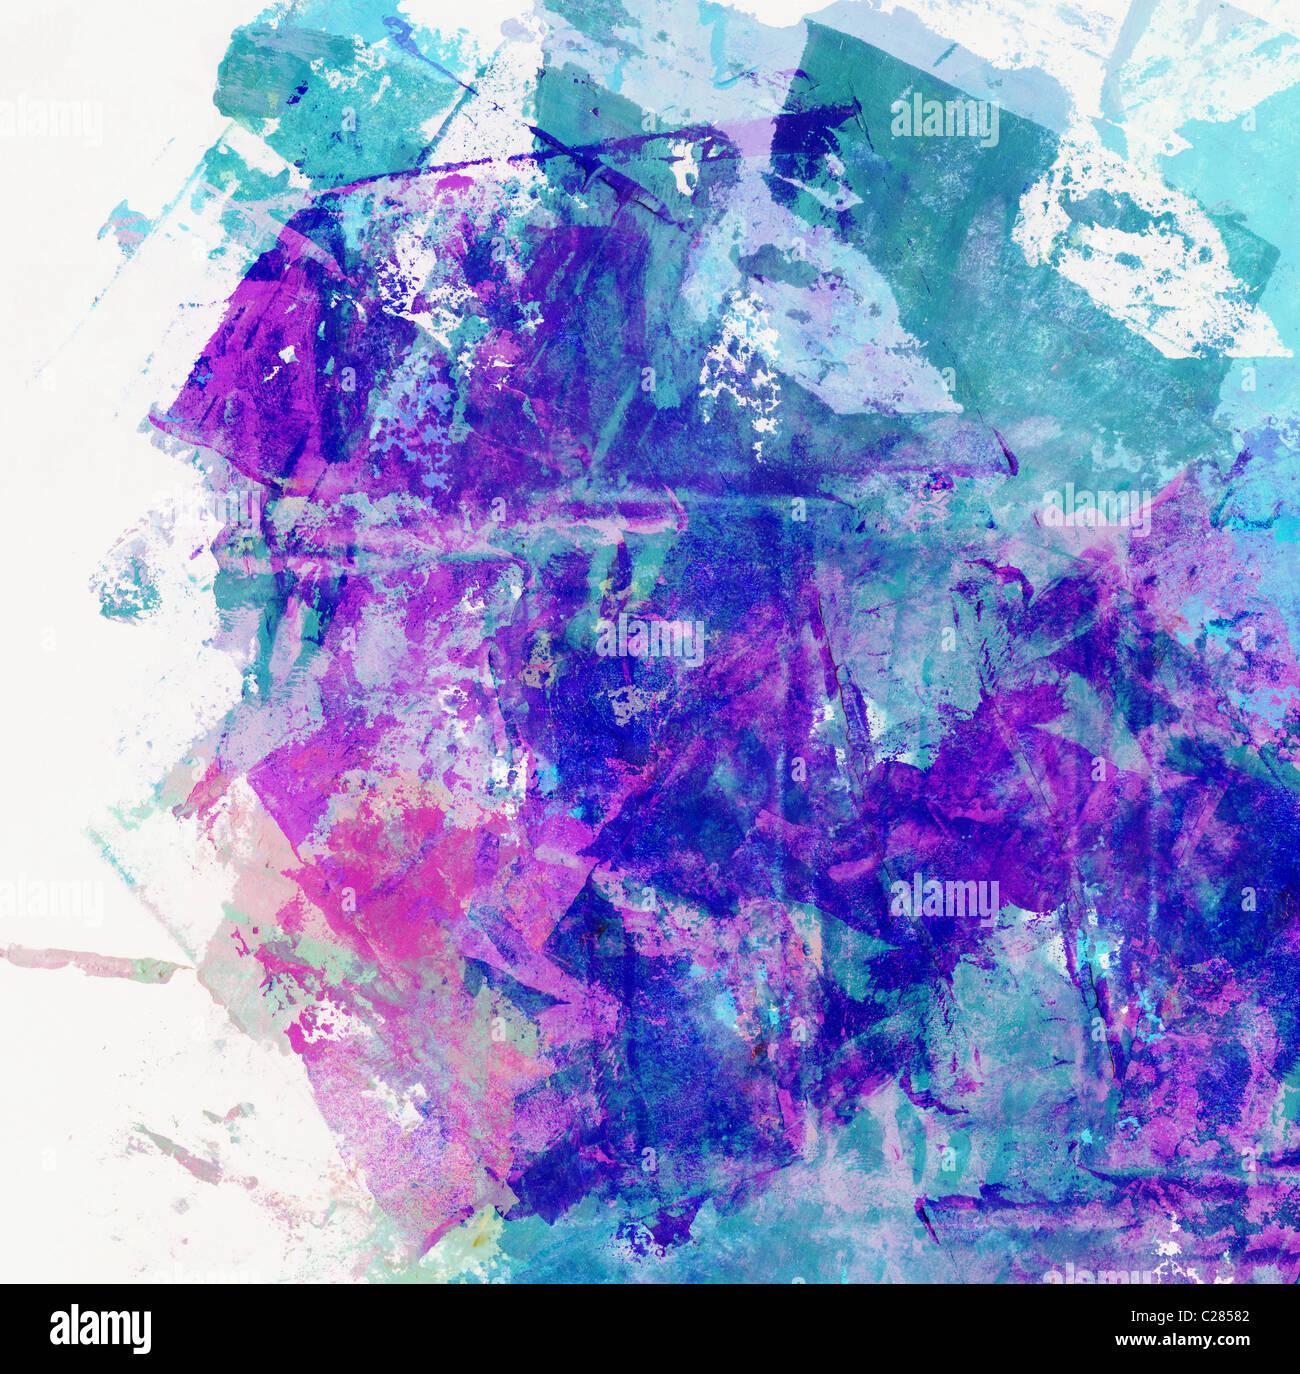 La peinture abstraite moderne d'Art Contemporain Toile de fond ou la texture. Aquarelle peintures à l'huile Photo Stock